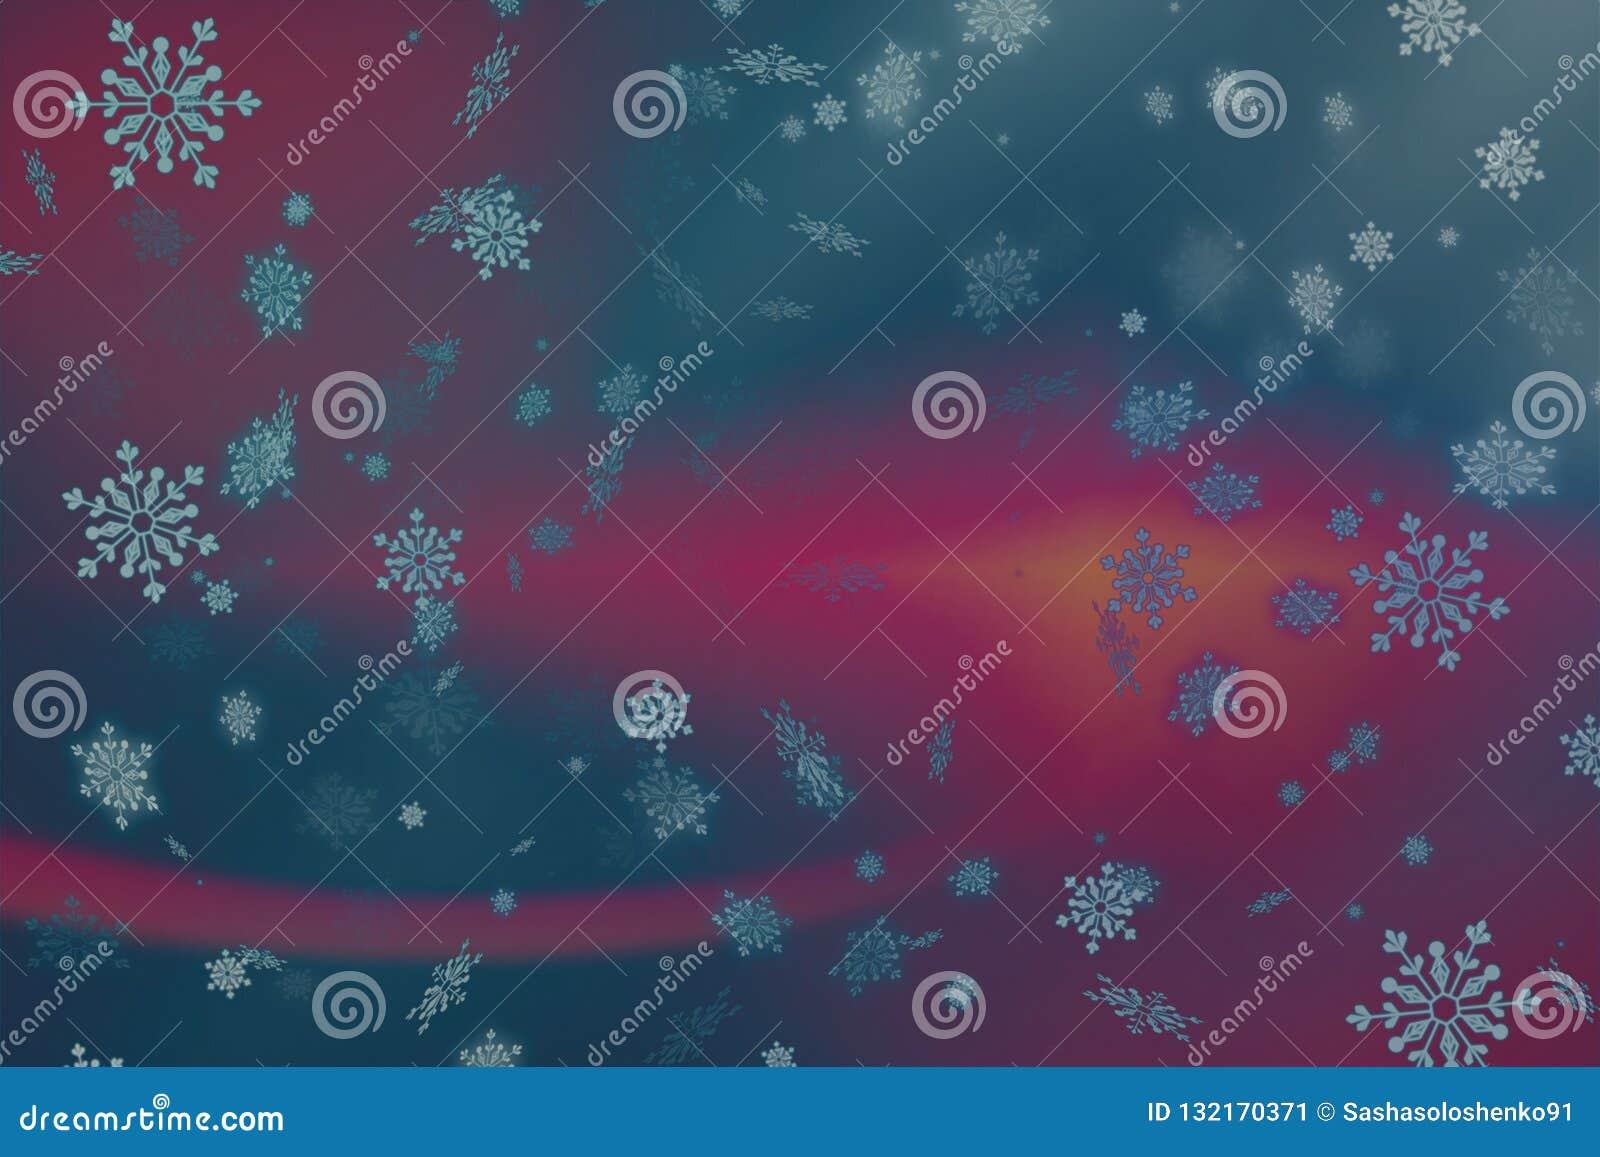 Rosa abstracto y fondo púrpura de la Navidad con nieve y copos de nieve